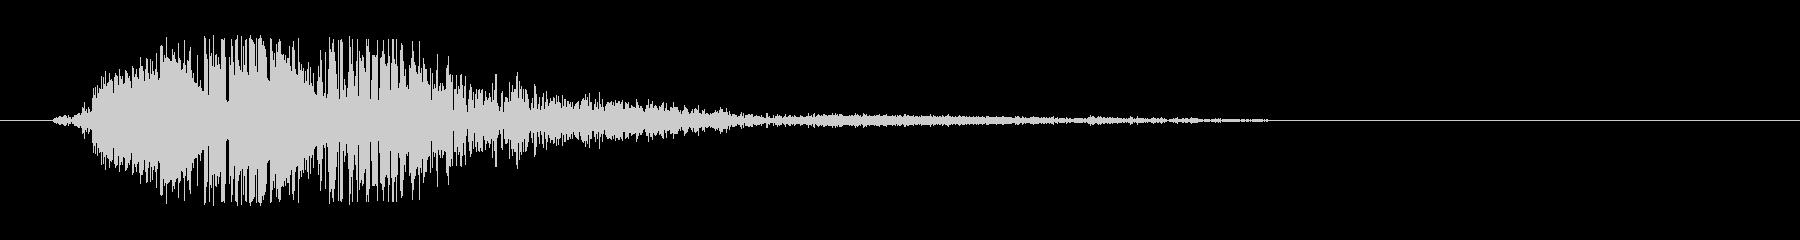 バンッ(風船の割れる音)の未再生の波形